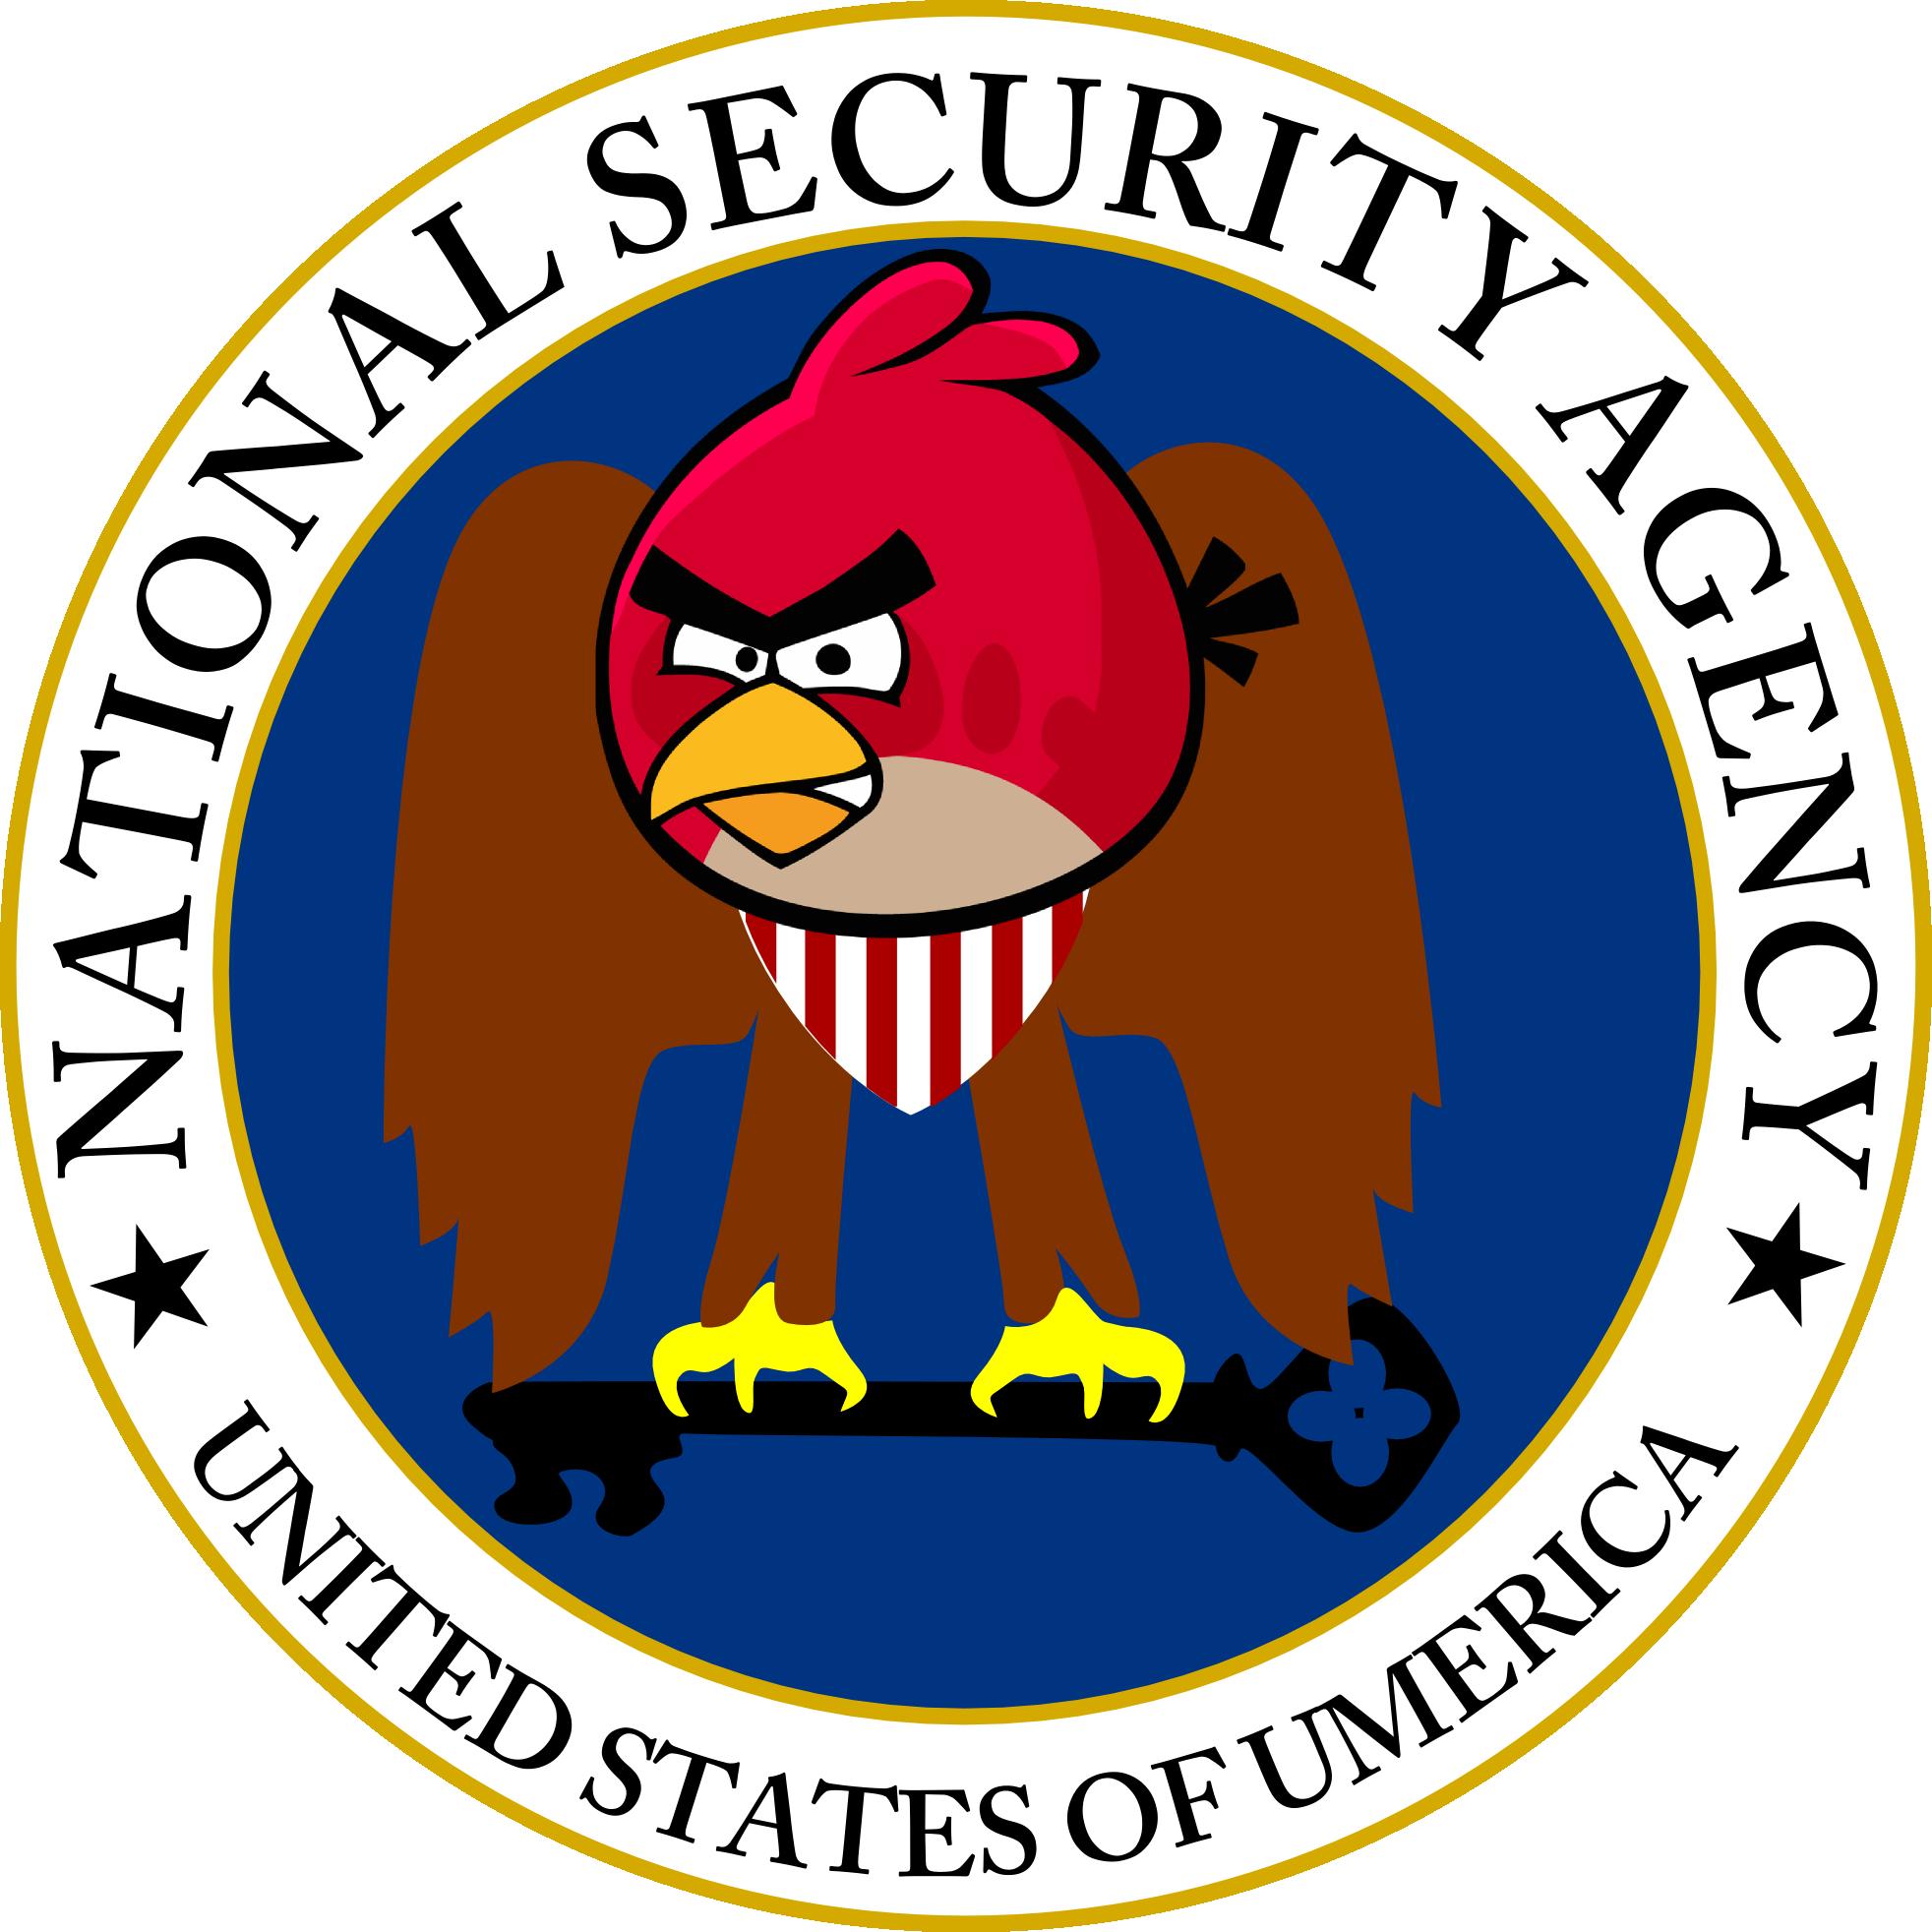 Parodie du logo de la NSA